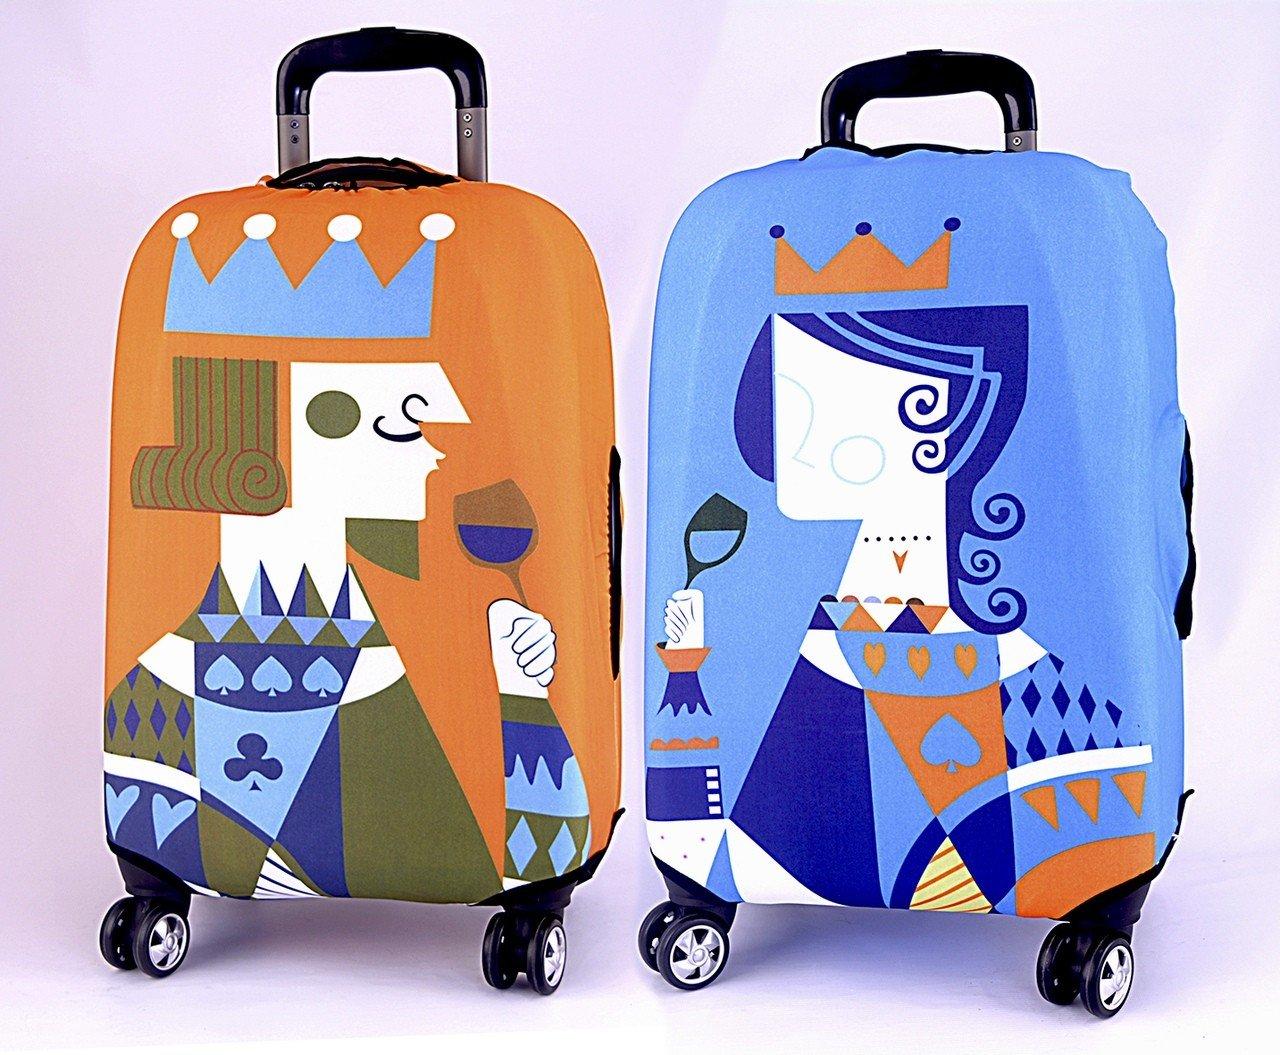 90ce3264d2b2 Купить чехол для чемодана в Ижевске — Выбирай.ру — Ижевск